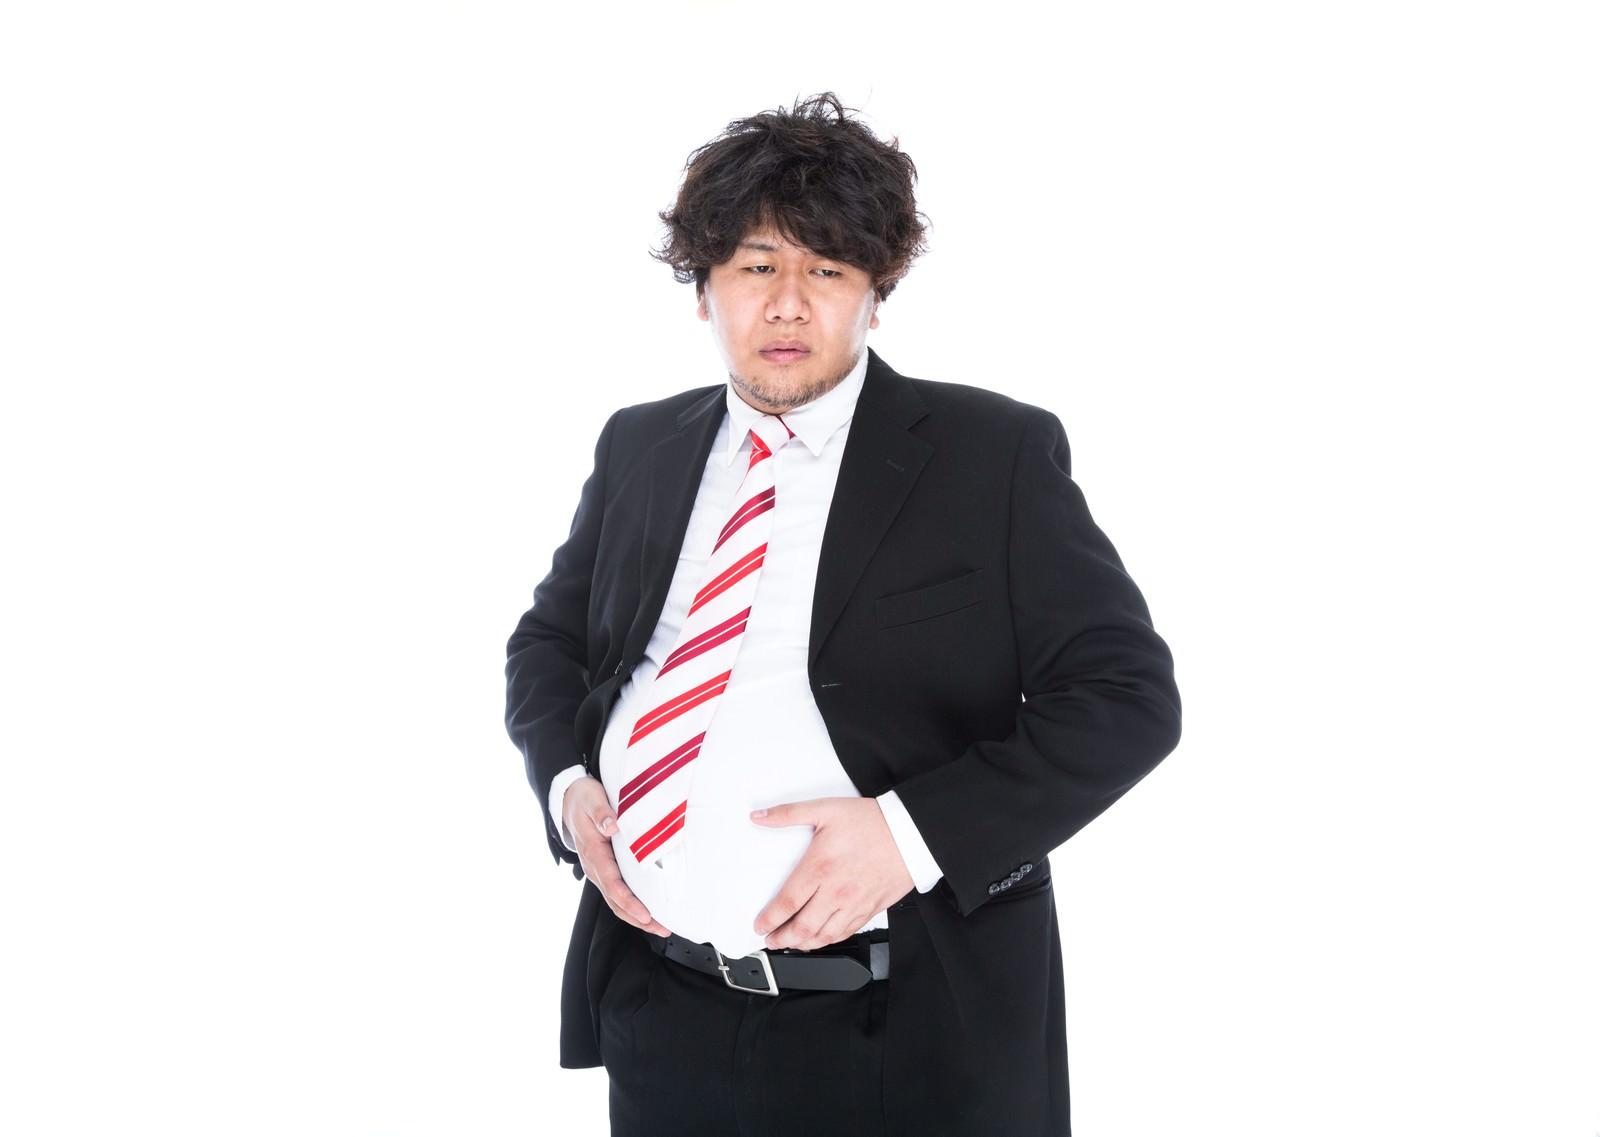 【悲報】俺氏、13ヶ月連続で体重が増加し絶望www